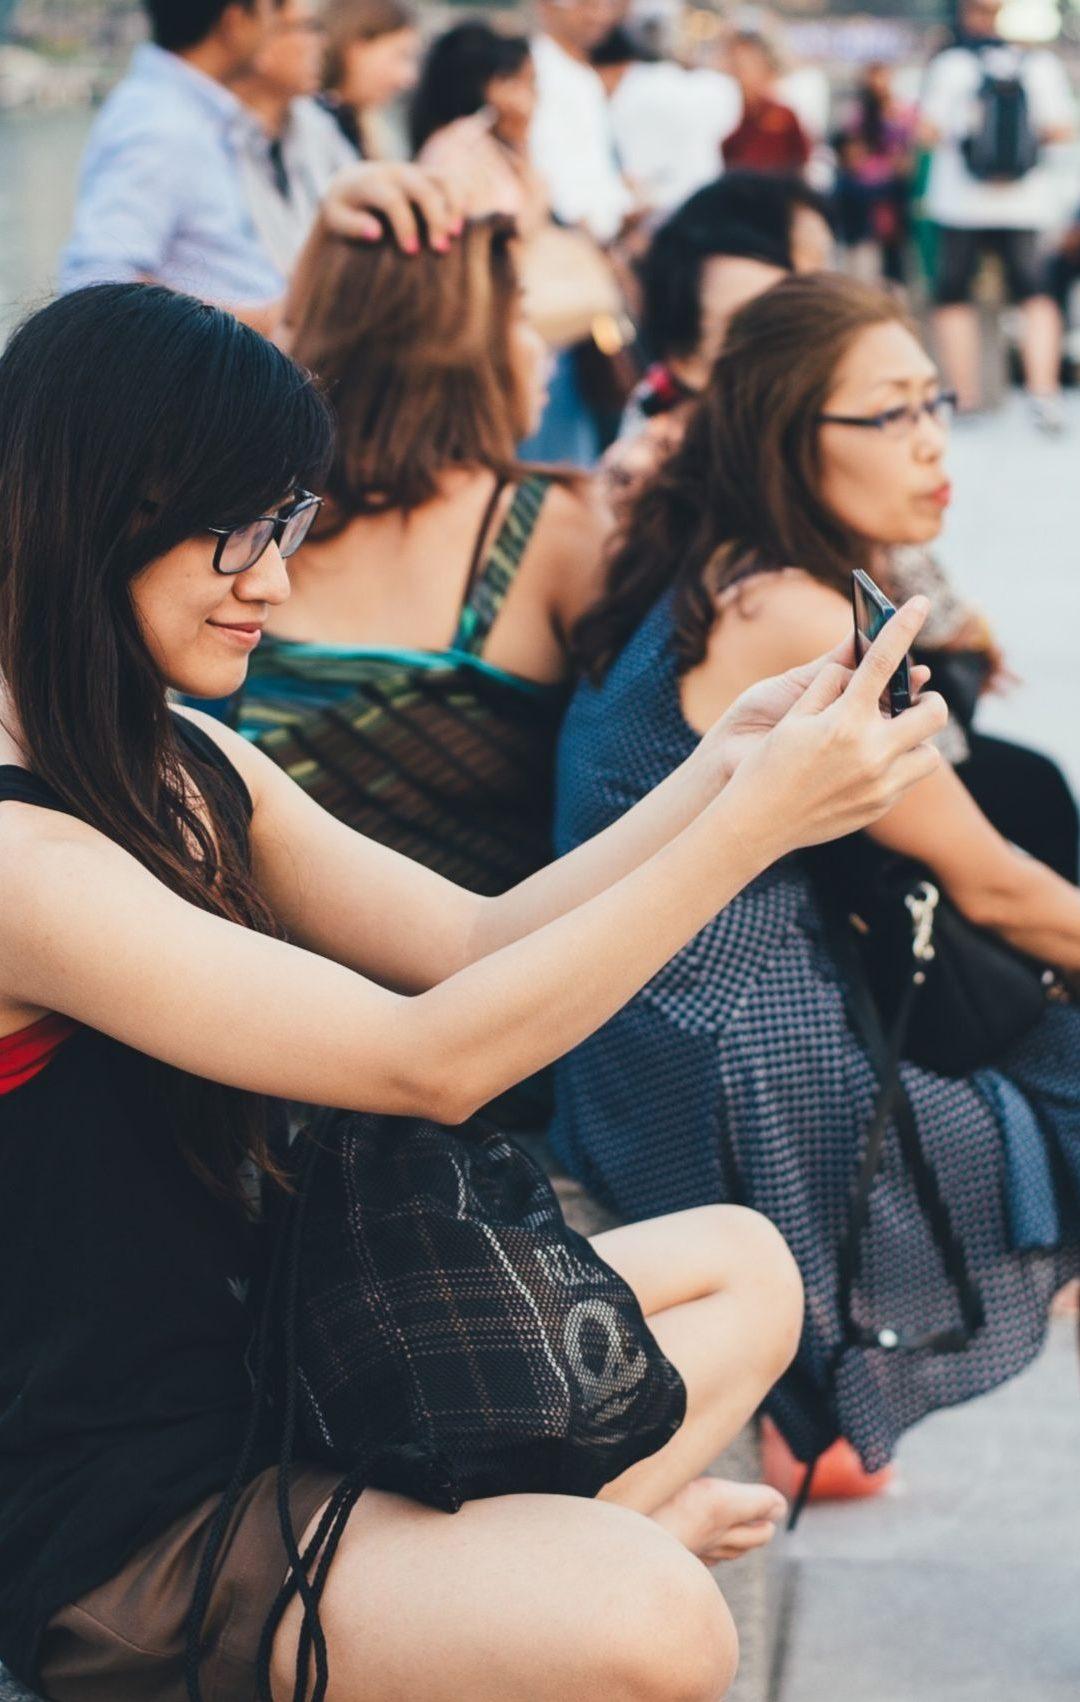 La adicción a los Selfies impide la comunicación auténtica entre las personas